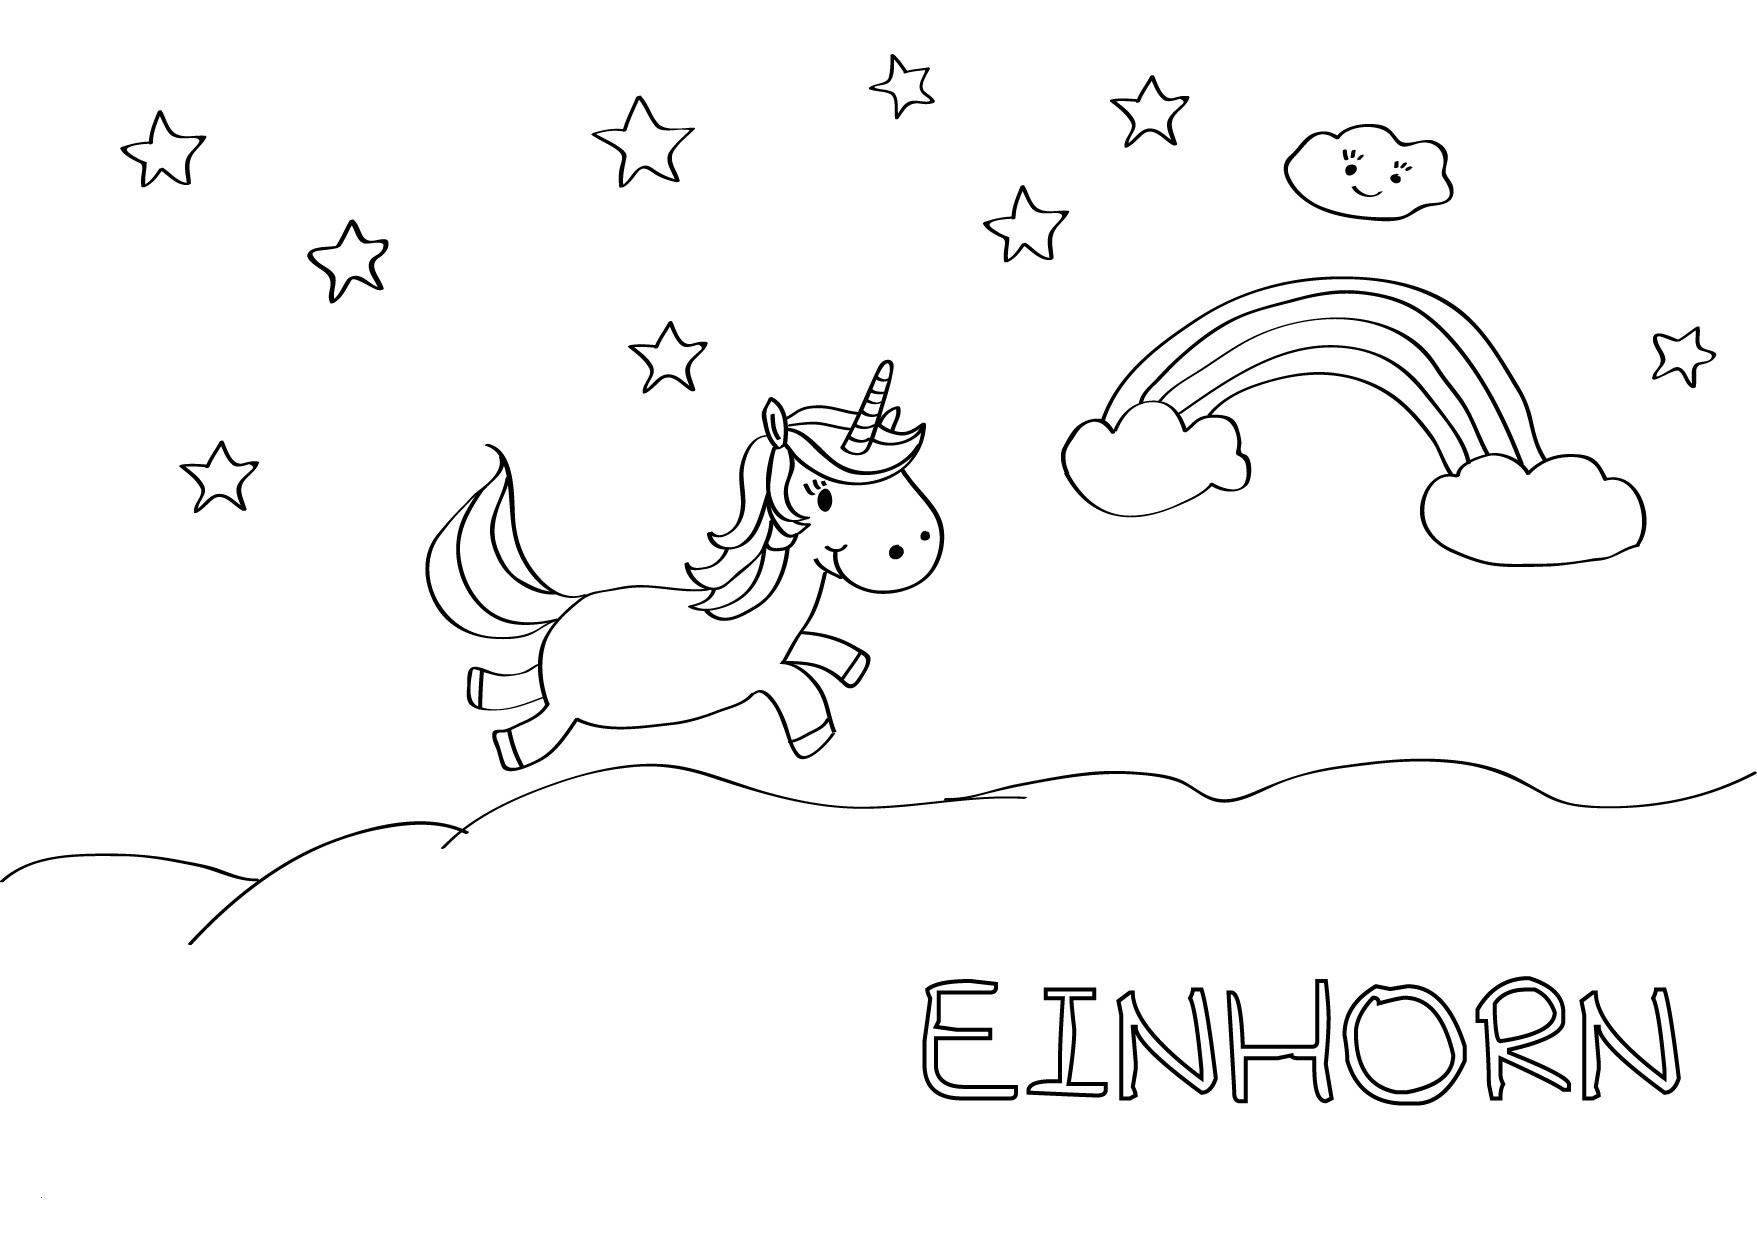 Einhorn Bilder Zum Drucken Genial Malvorlage Quelle Frisch Printable Malvorlage Einhorn F R Kleine Das Bild